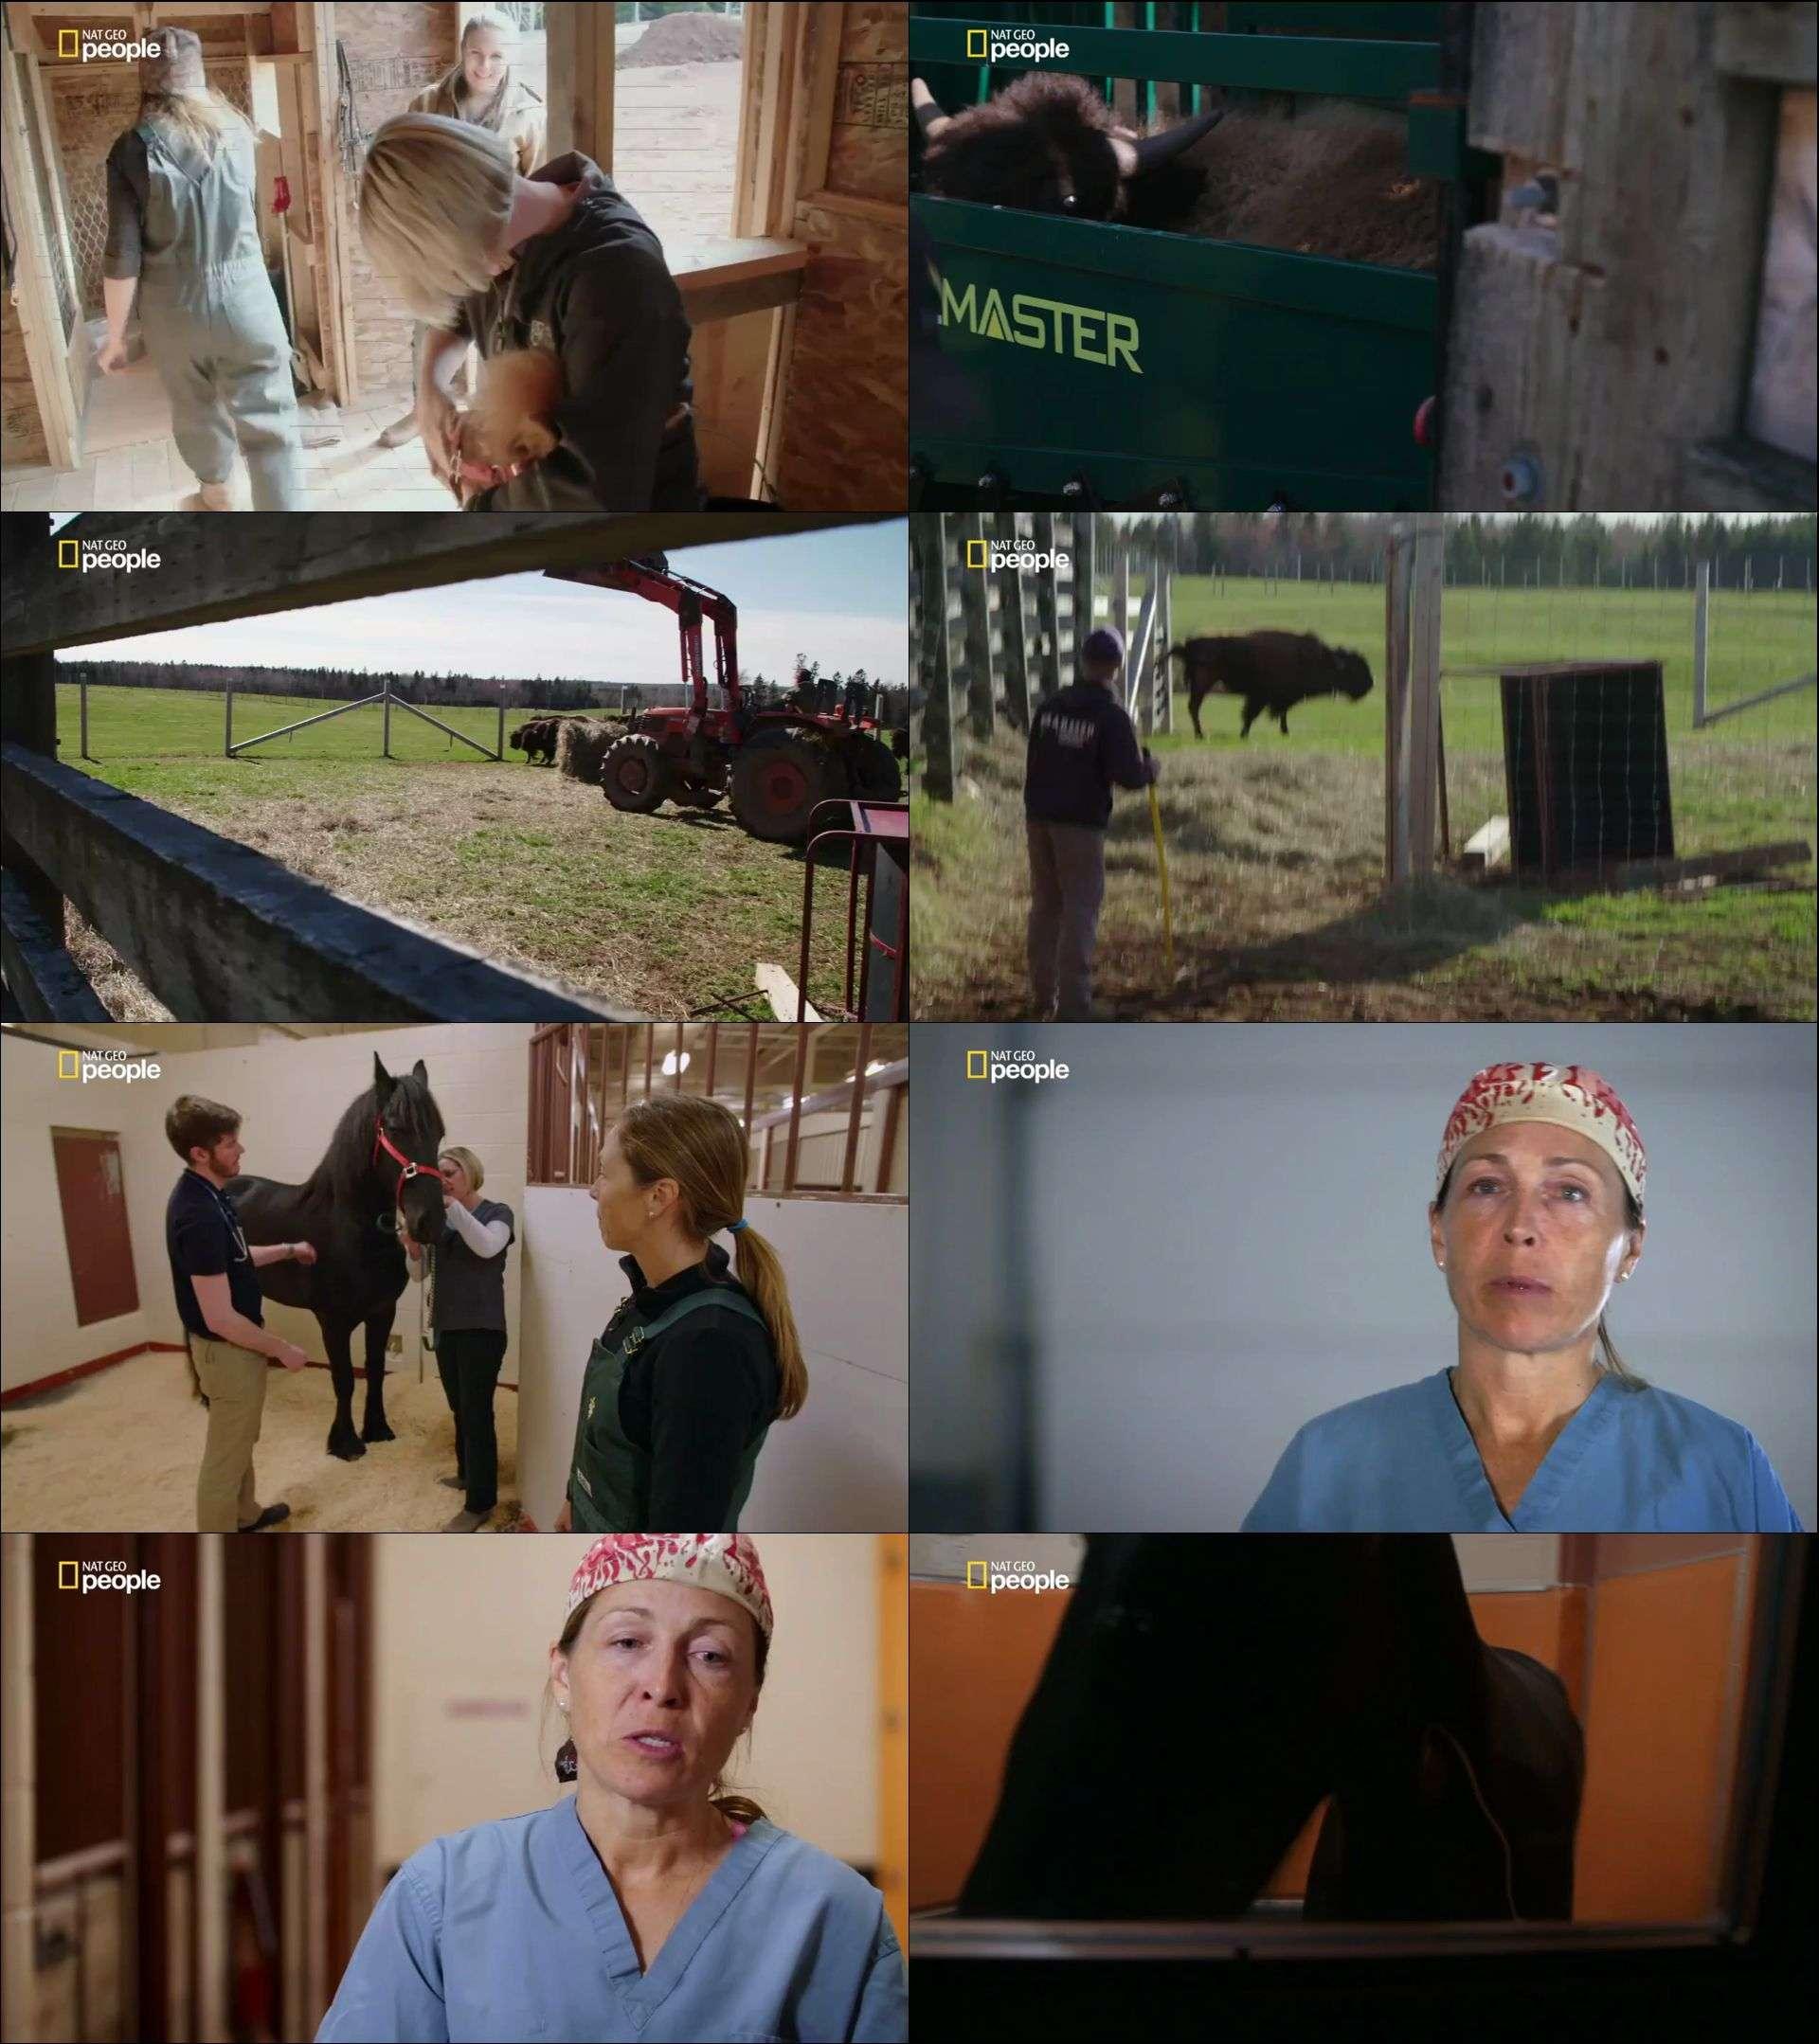 Nat Ge People - Yukon Veterineri belgesel serisi türkçe dublaj indir